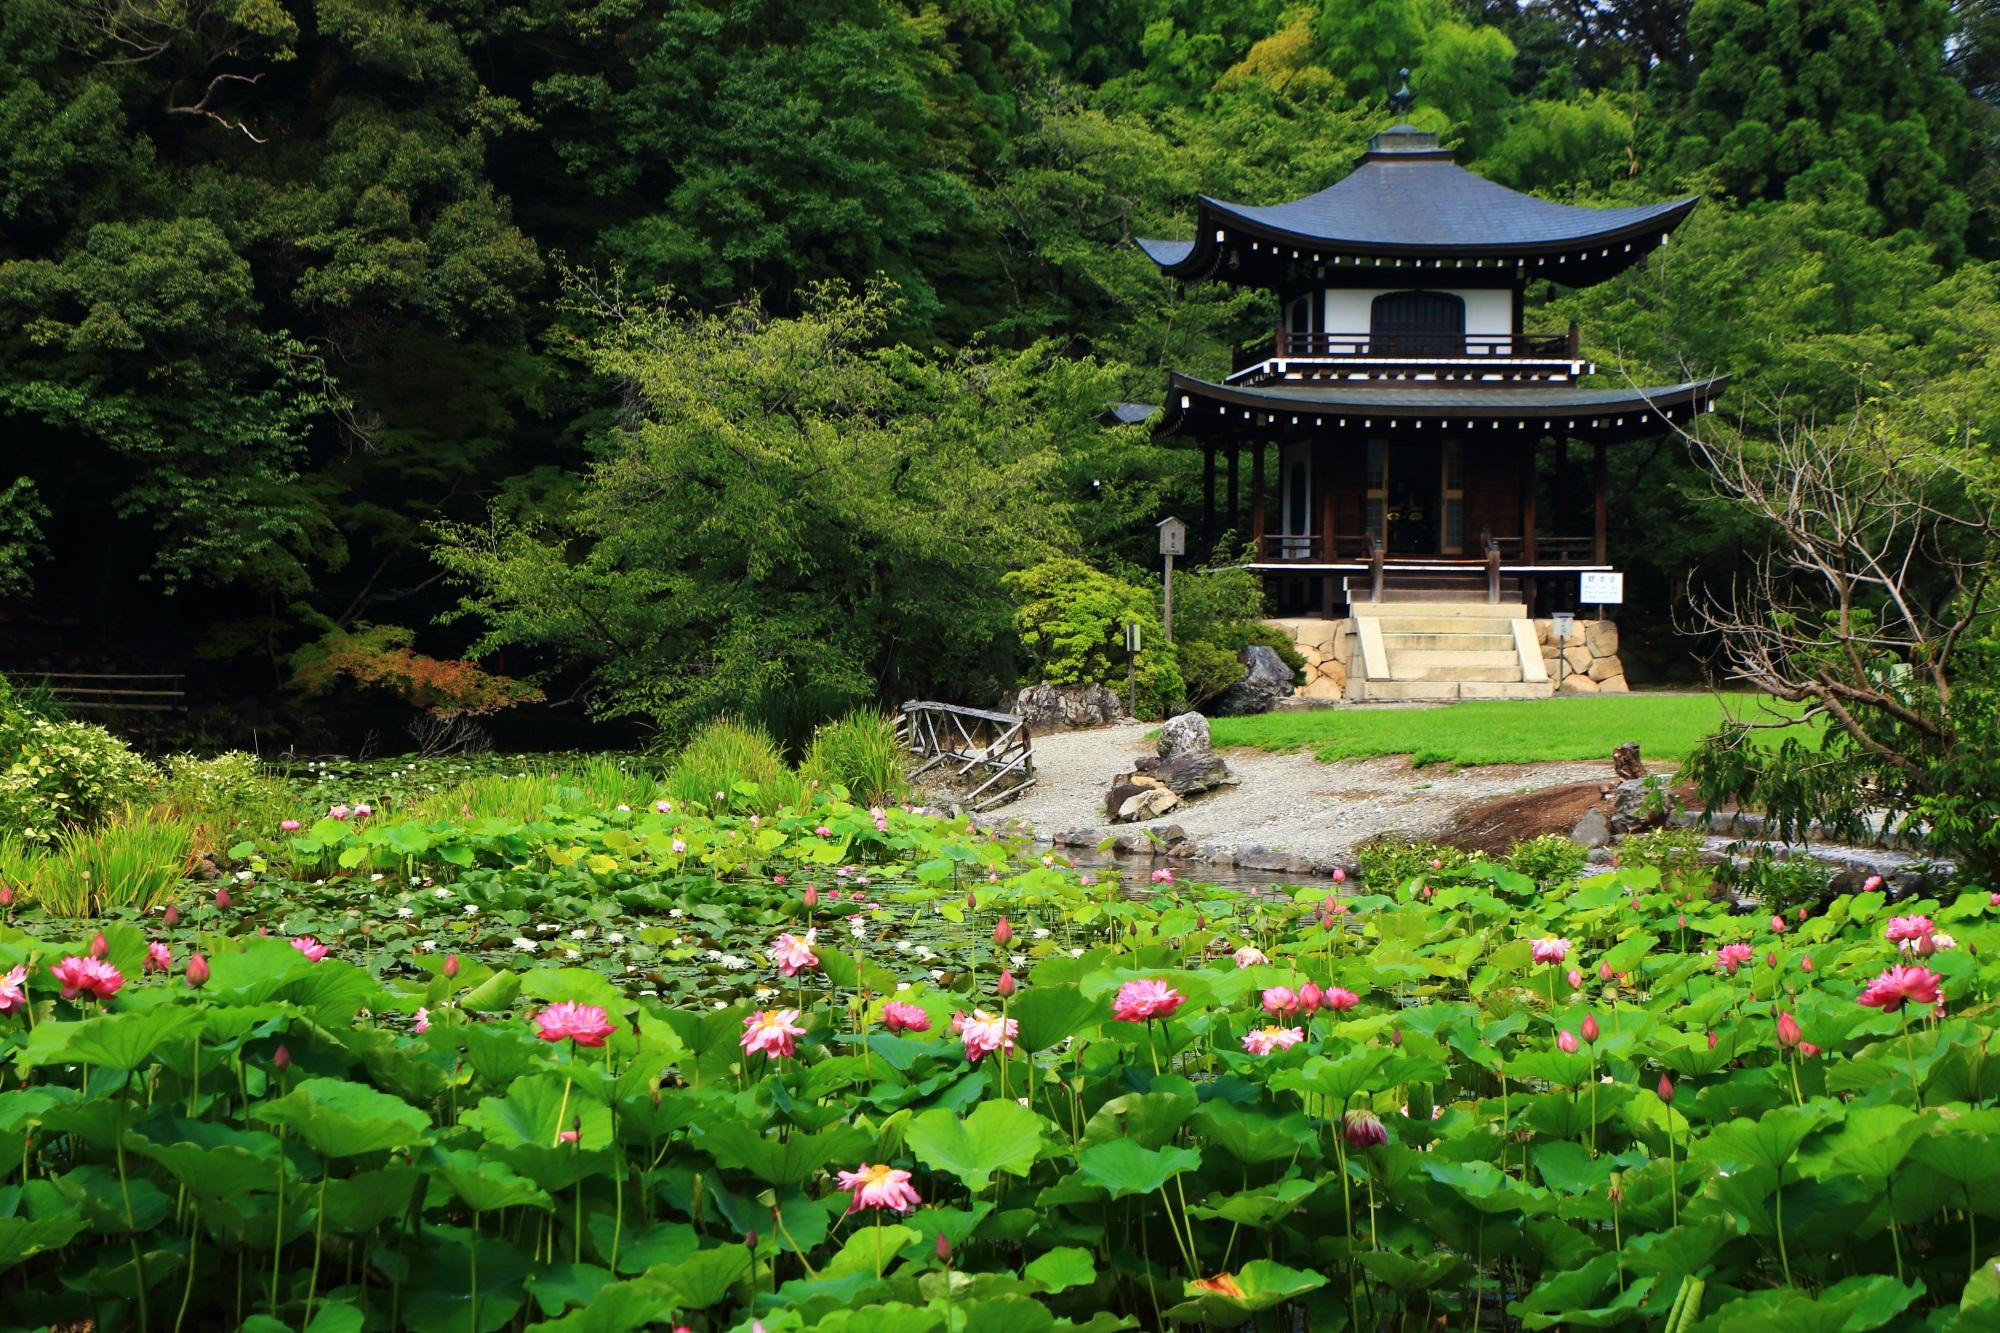 勧修寺の観音堂と蓮の絵になる夏の風景